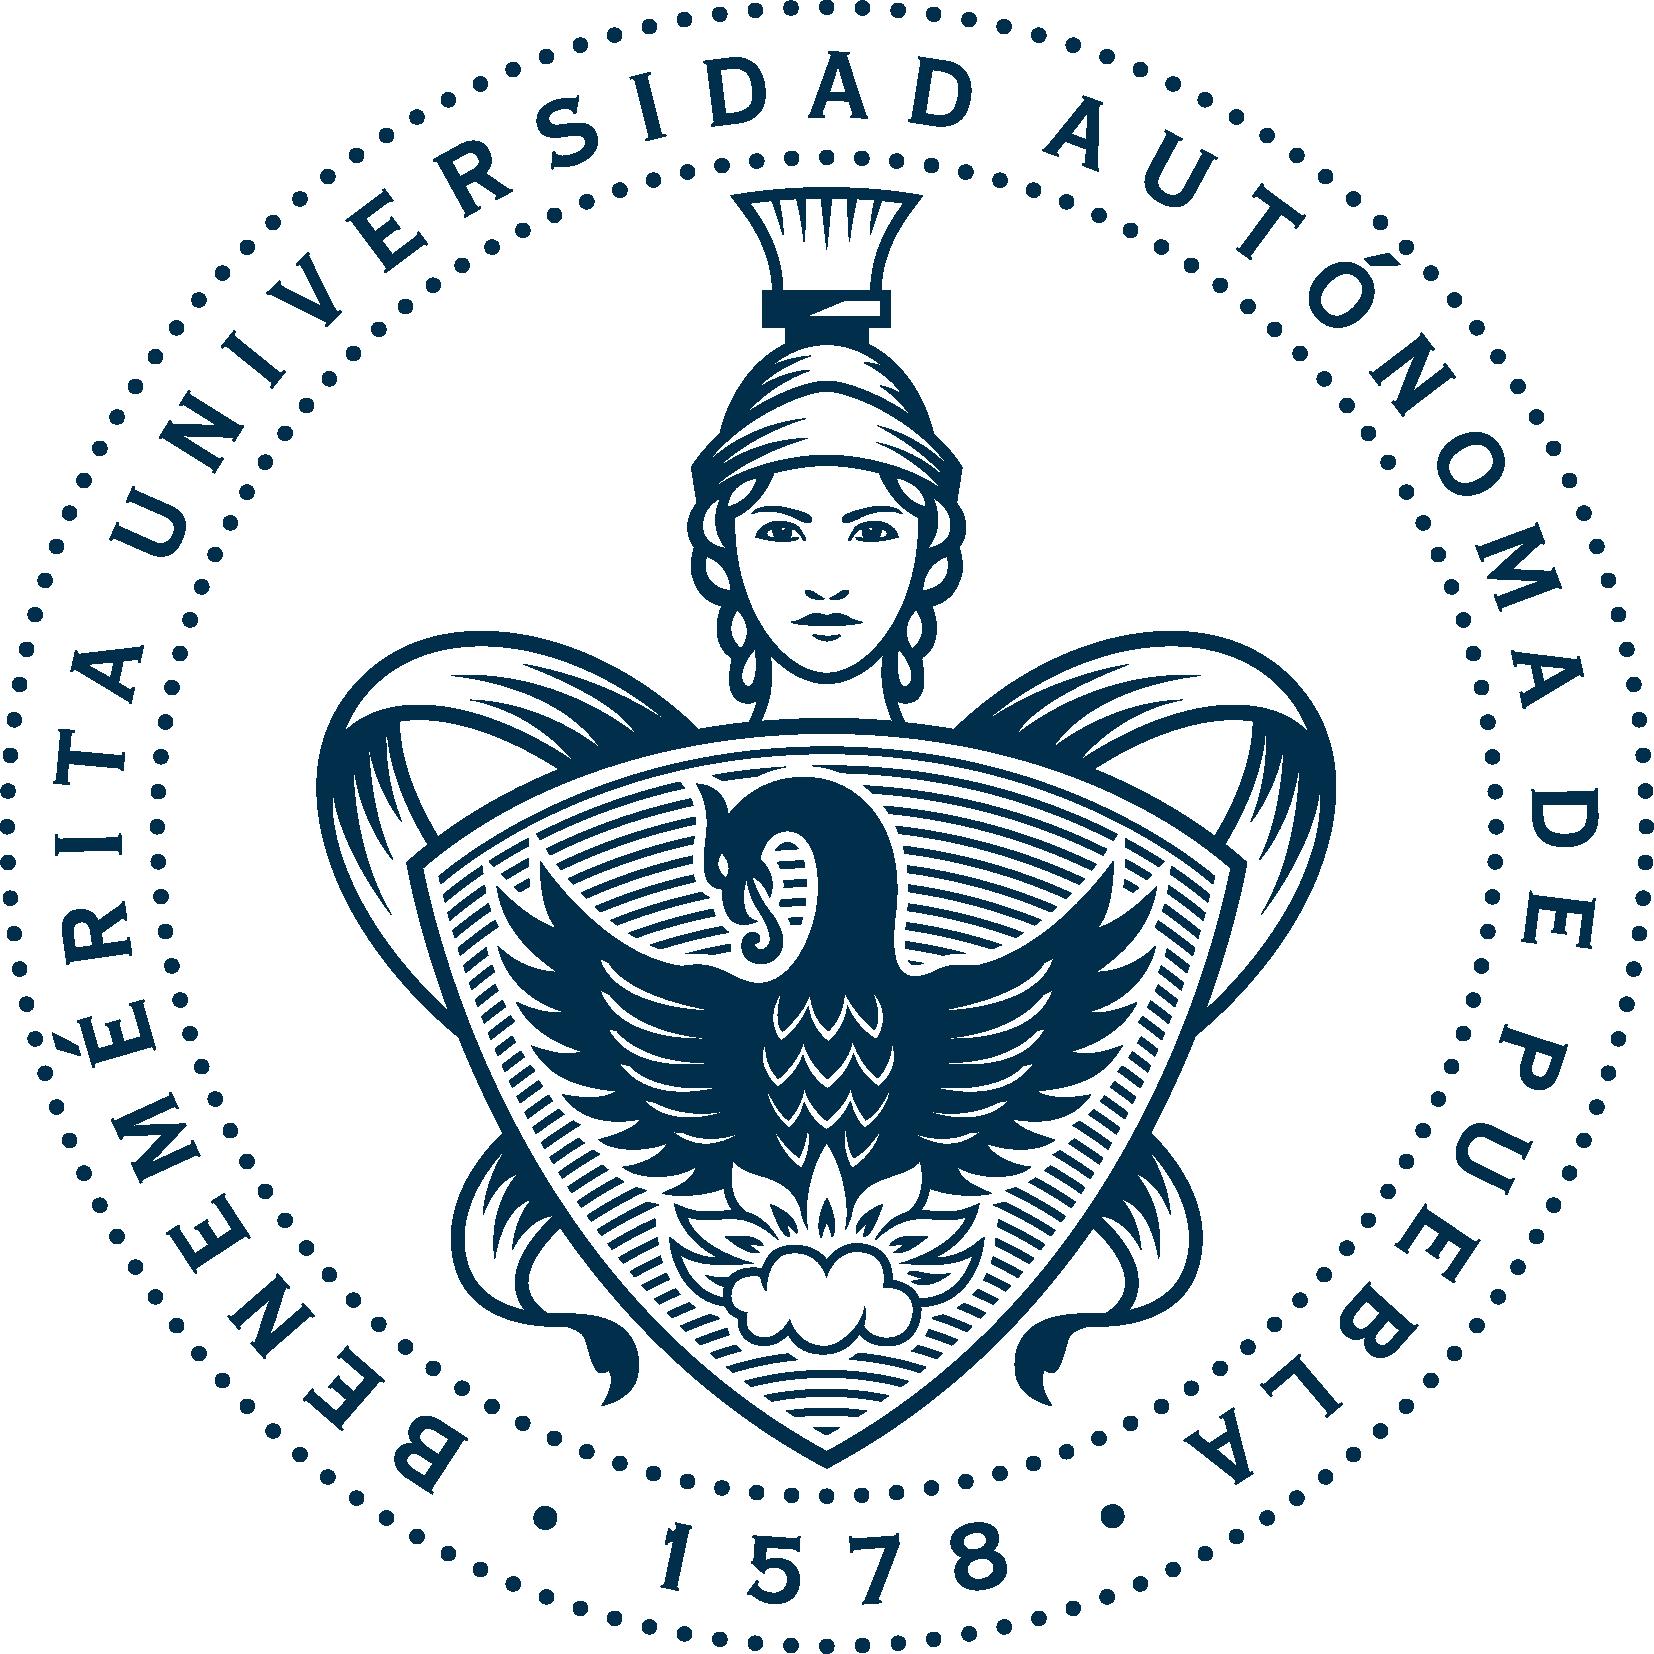 BUAP Benemérita Universidad Autónoma de Puebla Fisioterapia puebla